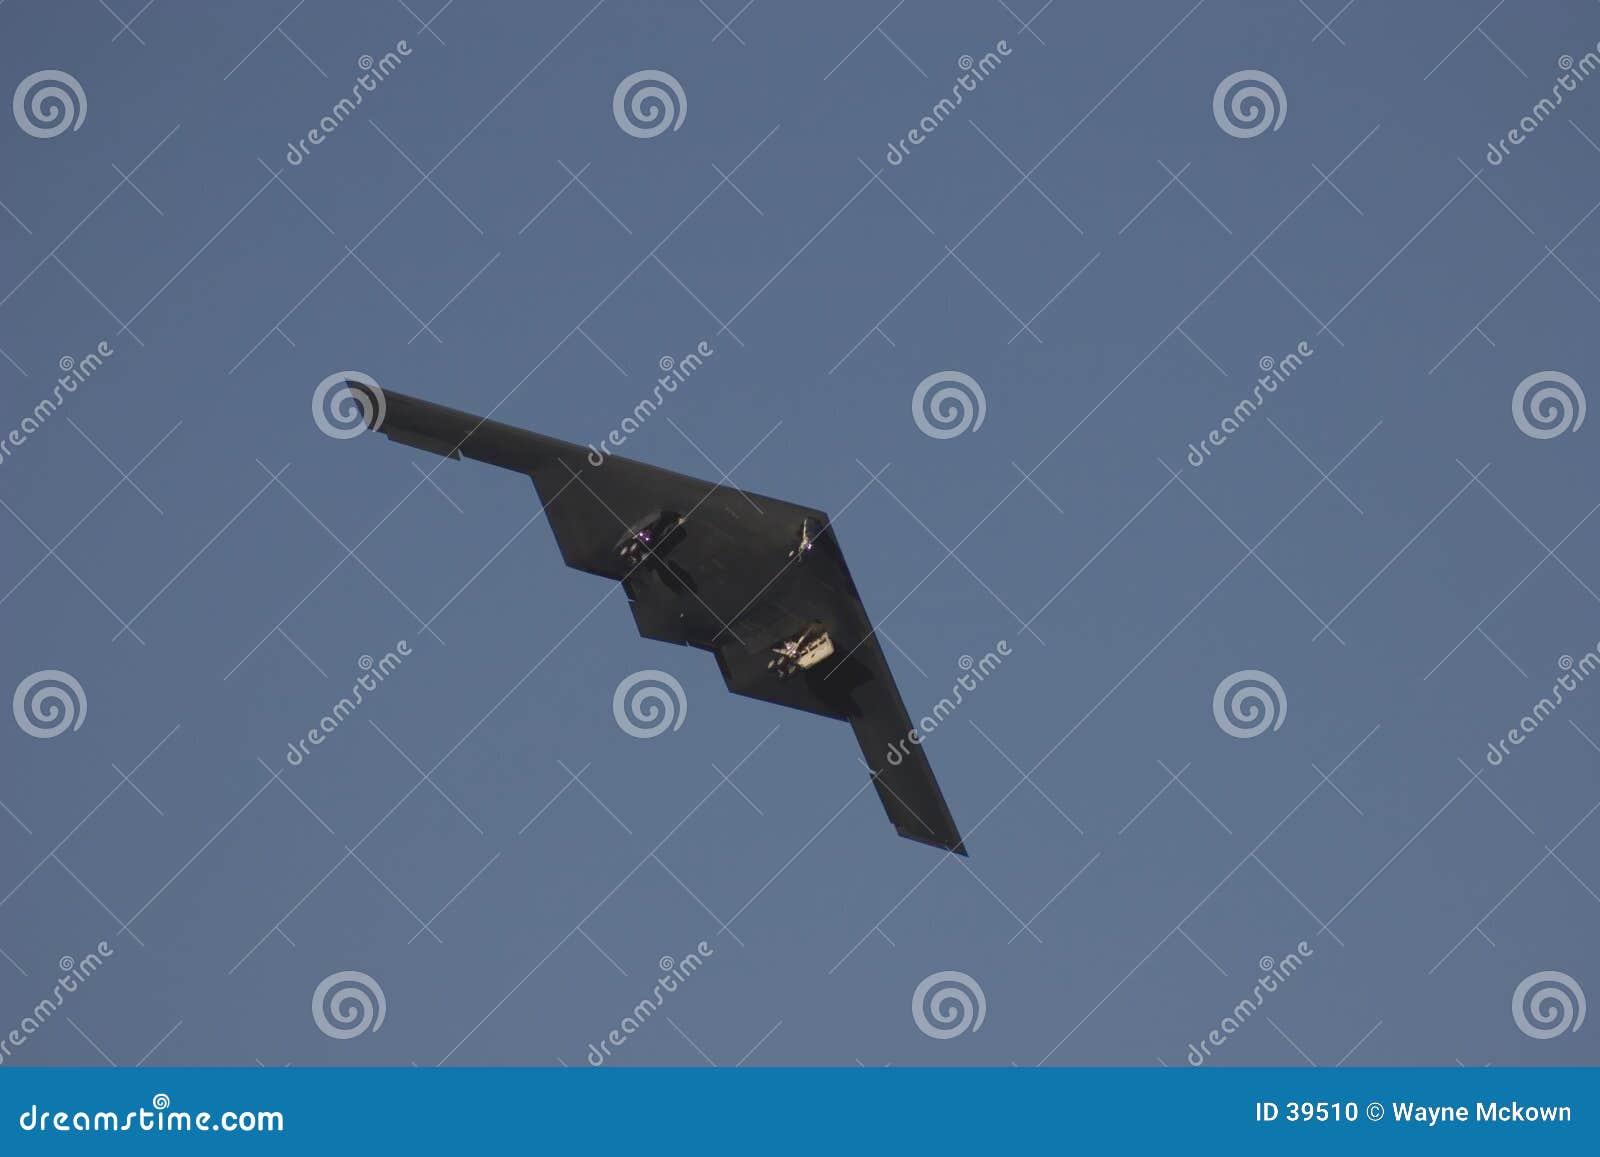 B2 Bomber taking off.